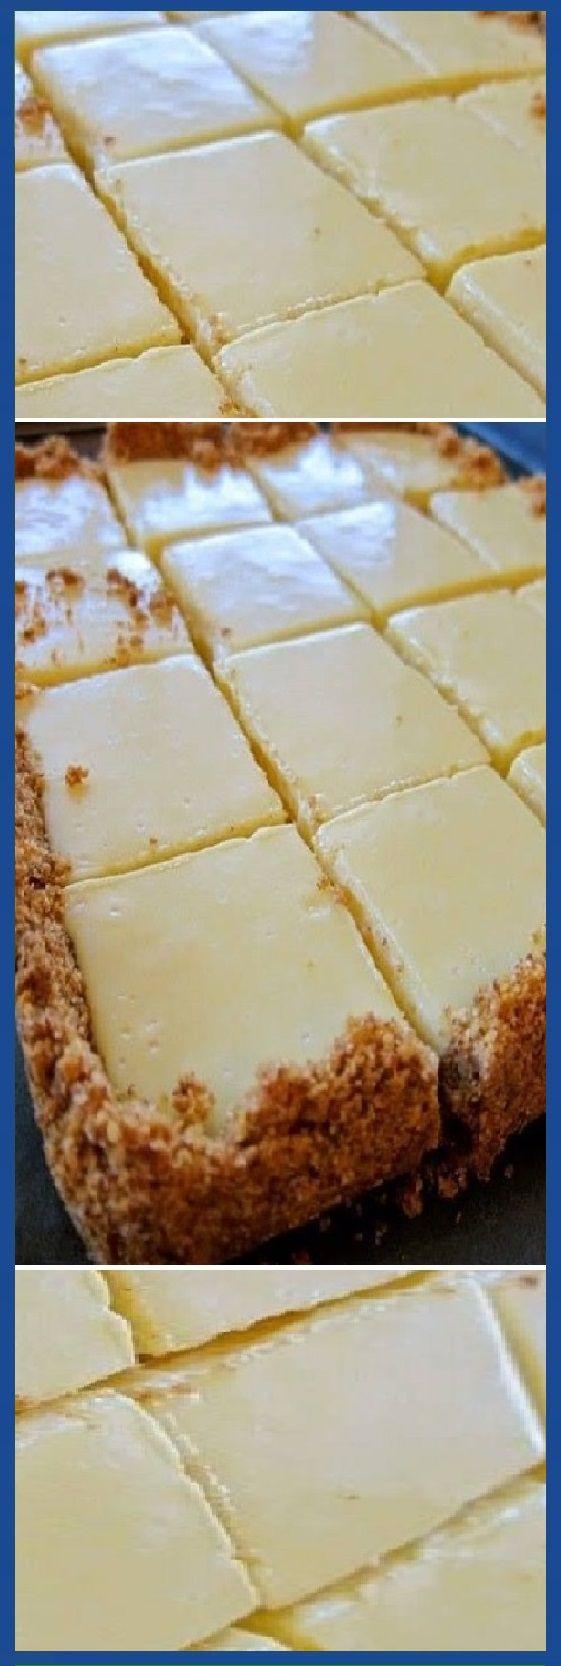 Realiza CUADROS CREMOSOS DE LIMÓN! #cuadros #limón #dulces #cuadrados #cremositos #panfrances #pain #bread #breadrecipes #パン #хлеб #brot #pane #crema #relleno #losmejores #cremas #rellenos #cakes #pan #panfrances #panettone #panes #pantone #pan #recetas #recipe #casero #torta #tartas #pastel #nestlecocina #bizcocho #bizcochuelo #tasty #cocina #chocolate Si te gusta dinos HOLA y dale a Me Gusta MIREN